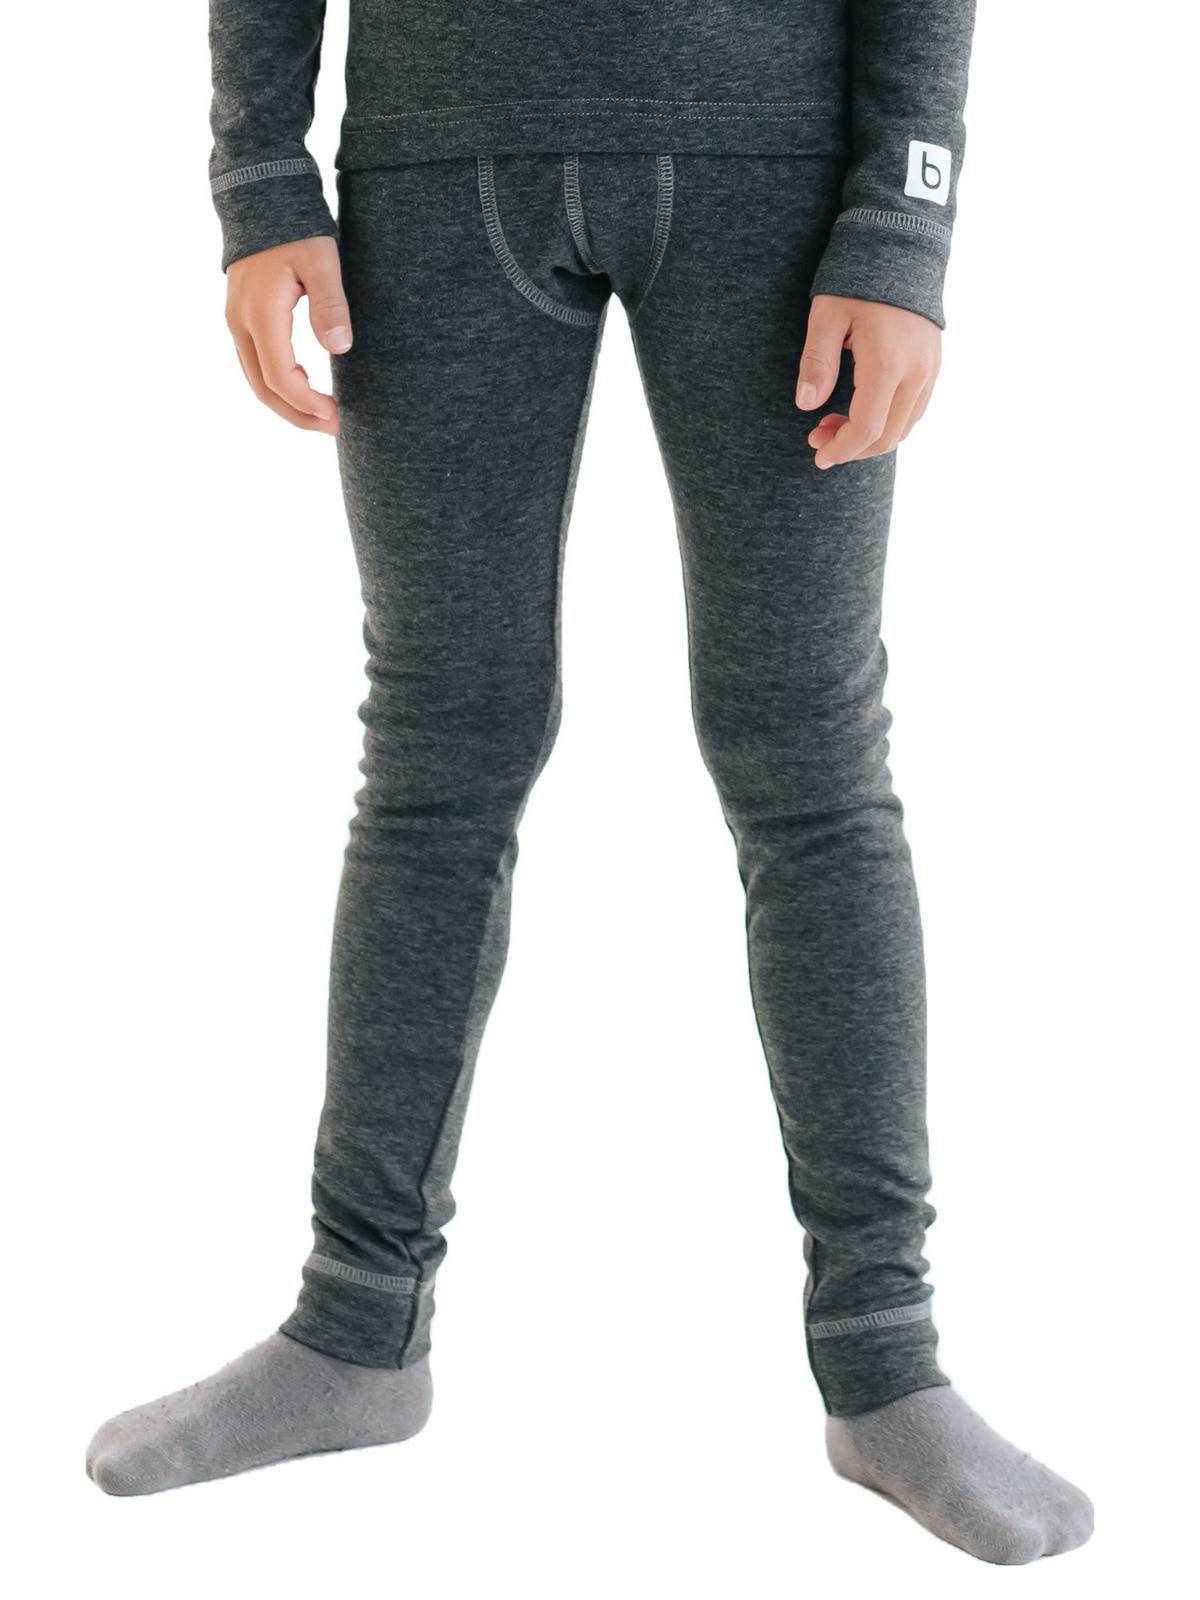 Термобелье для мальчика (362 21з)|Комплекты одежды| | АлиЭкспресс